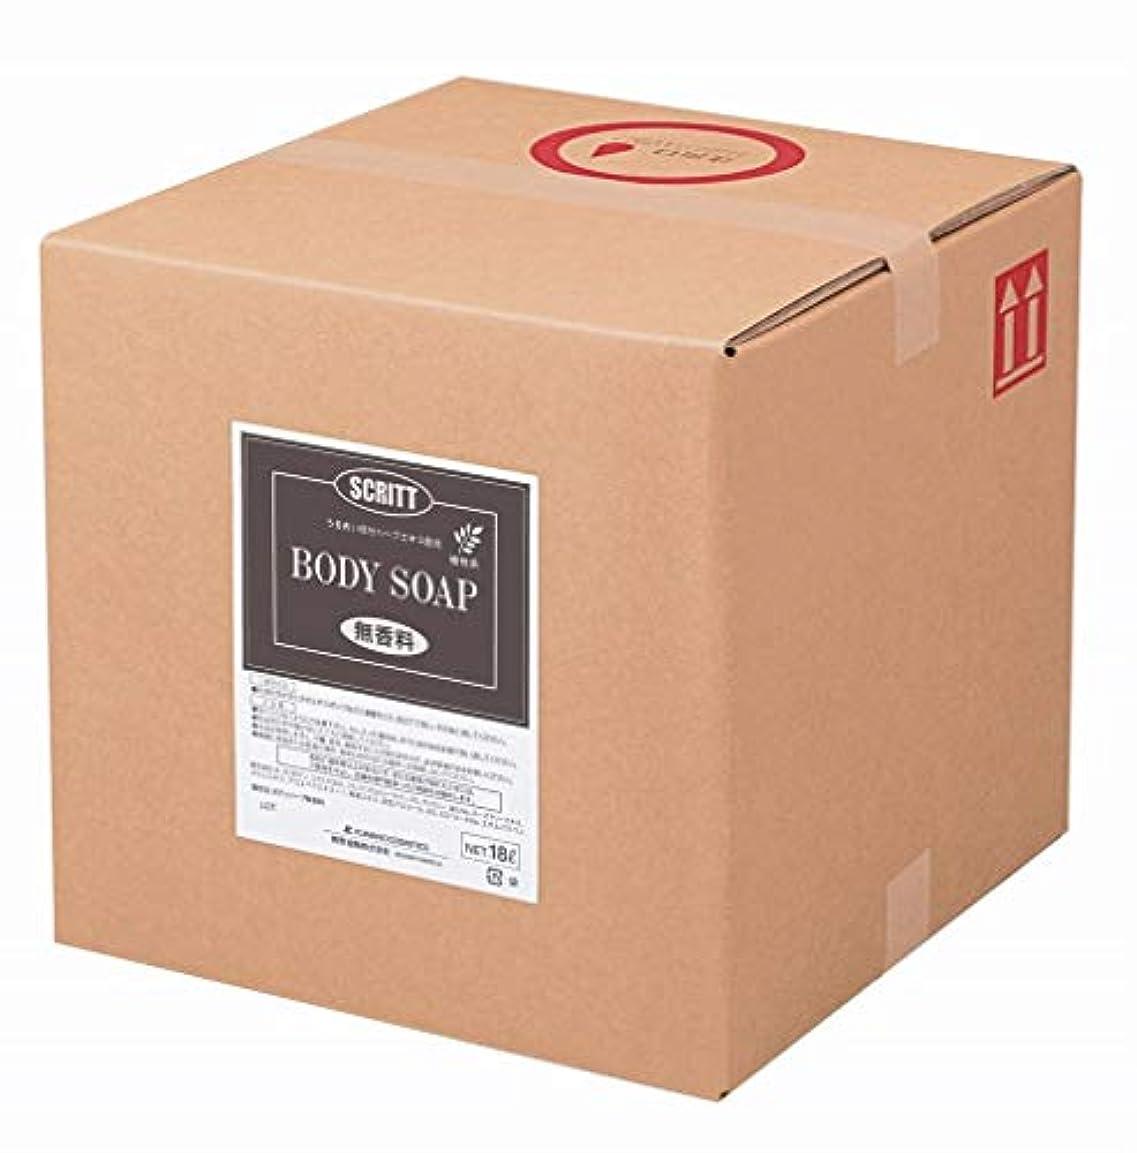 委員長影響する終了する業務用 SCRITT(スクリット)無香料ボディソープ 18L 熊野油脂 (コック無し)